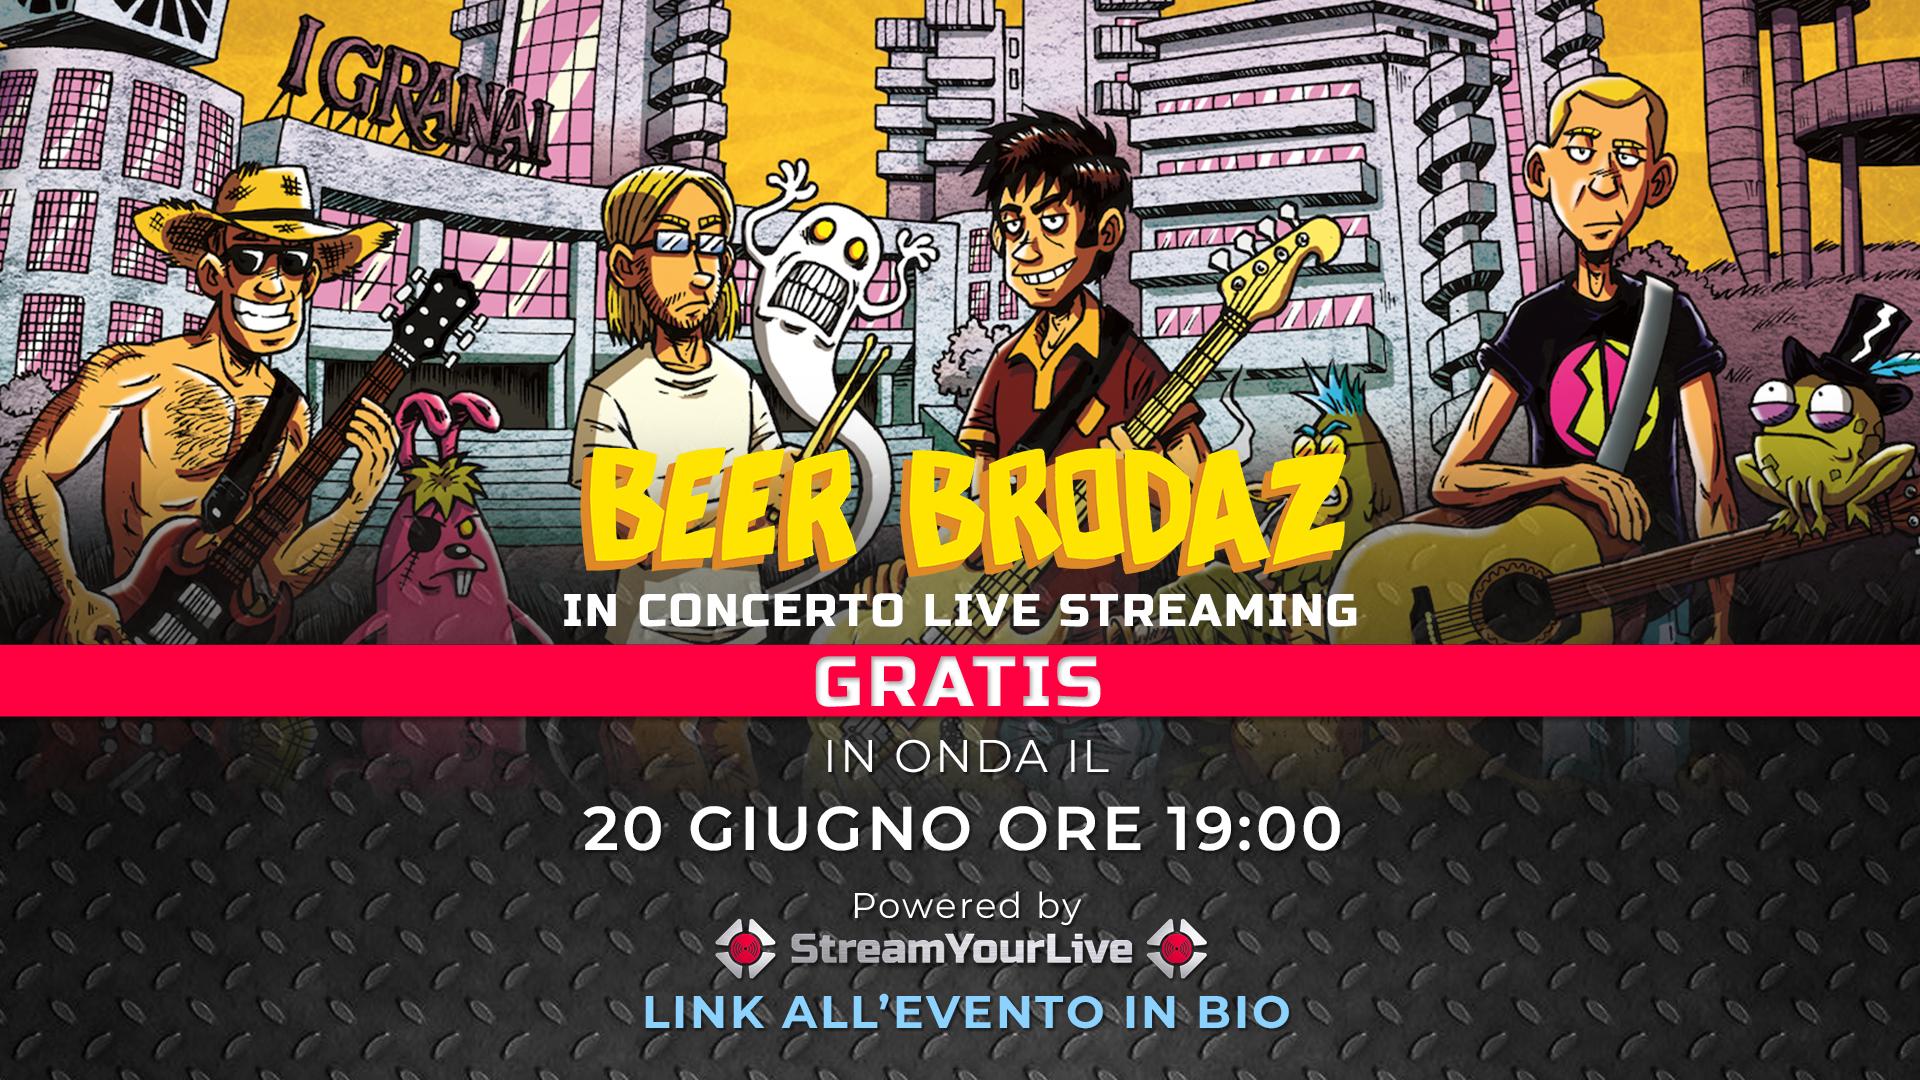 LIVE: BEER BRODAZ